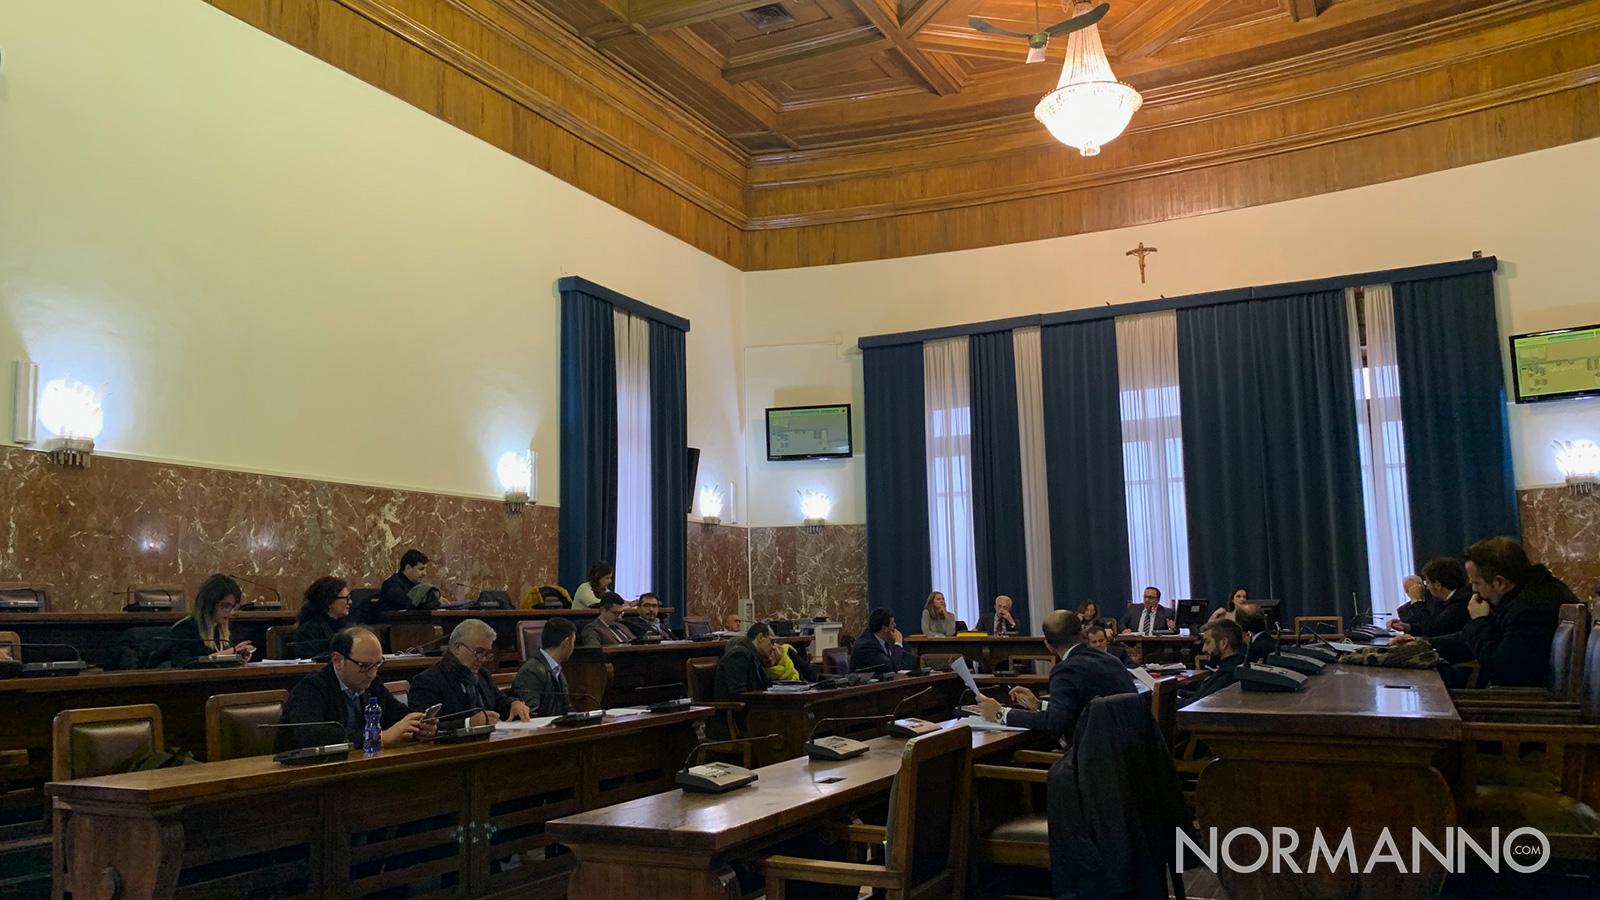 consiglio comunale sul cambio di passo 20 gennaio 2020